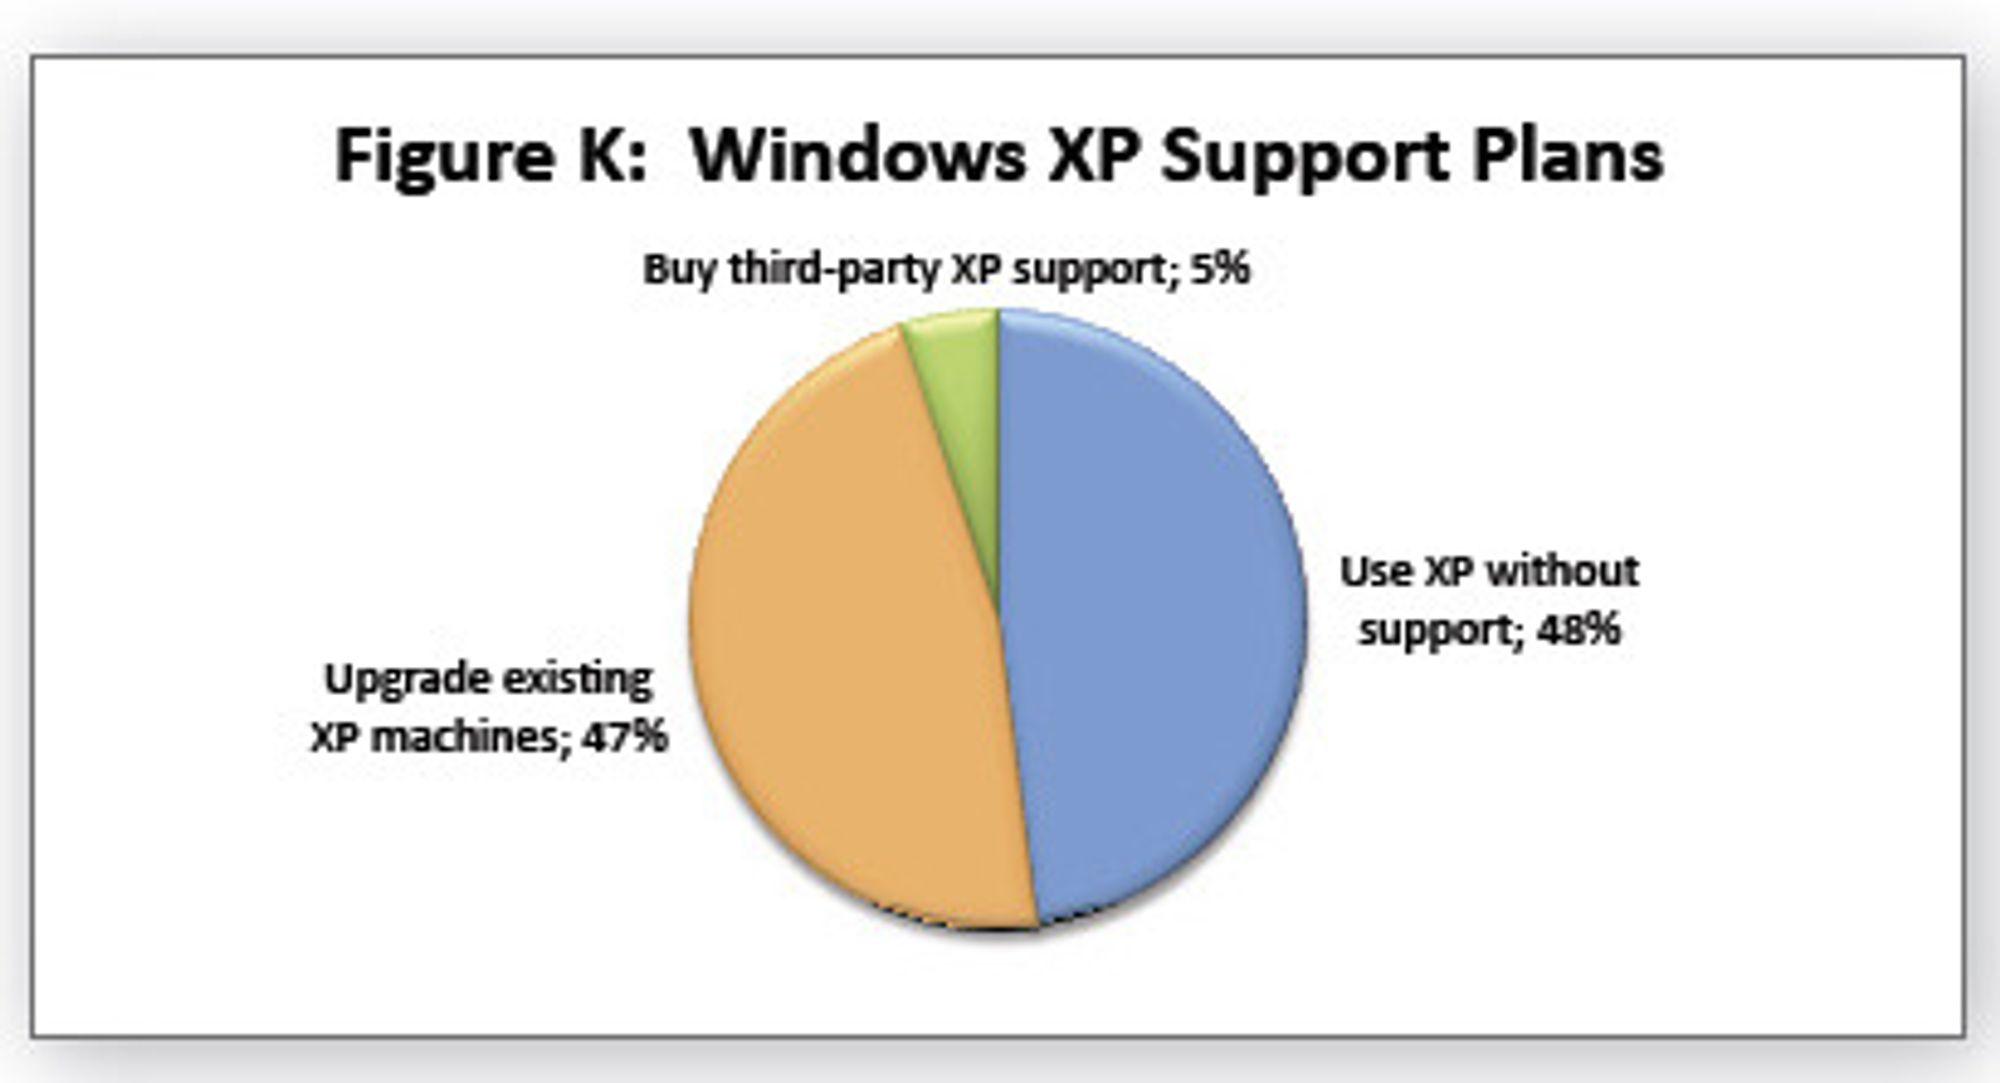 Dimensional Research-tall om bedrifters bruk av Windows XP etter april 2014, målt høsten 2010.